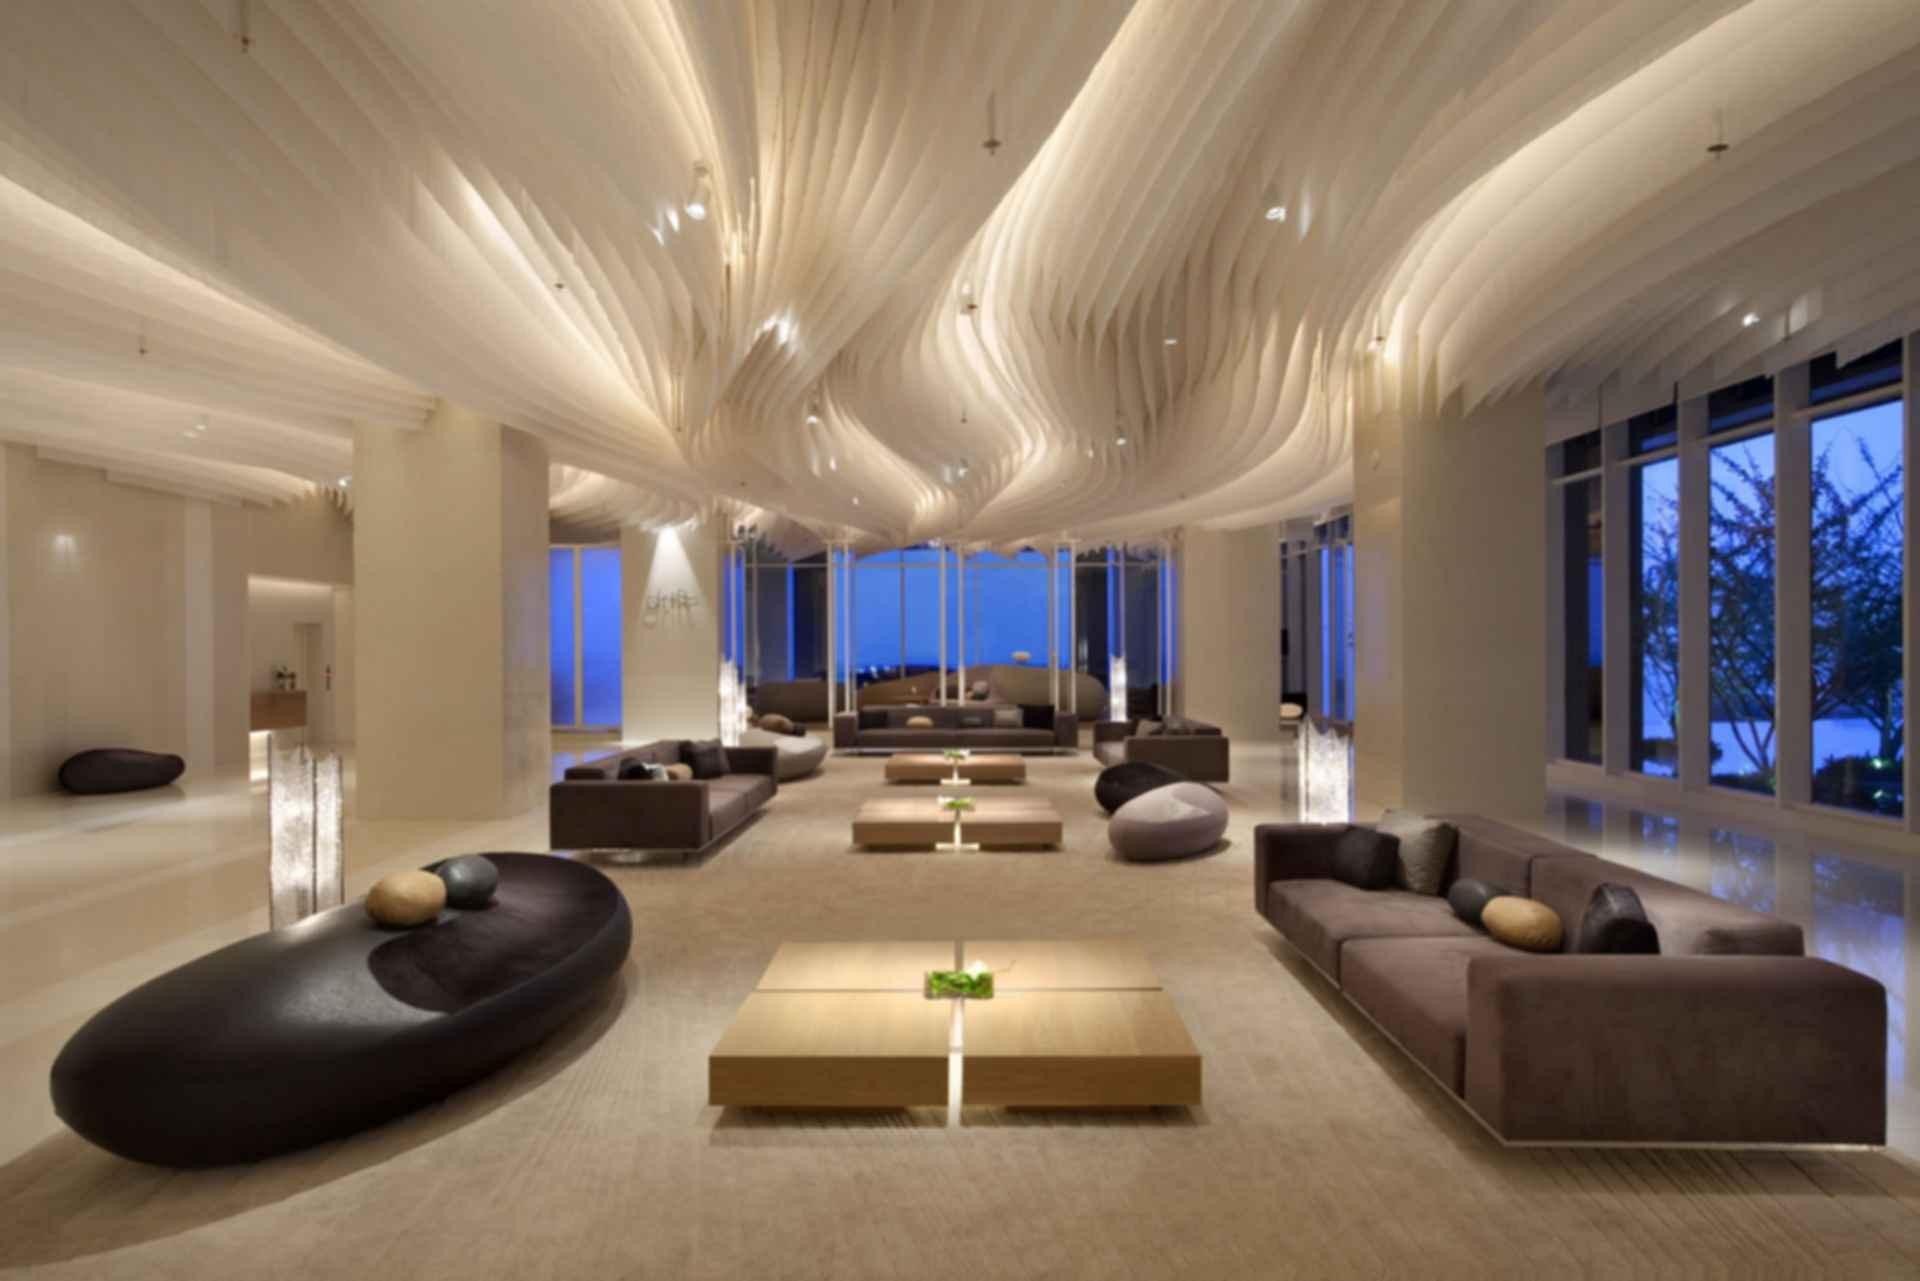 Hilton Pattaya - Lounge Area